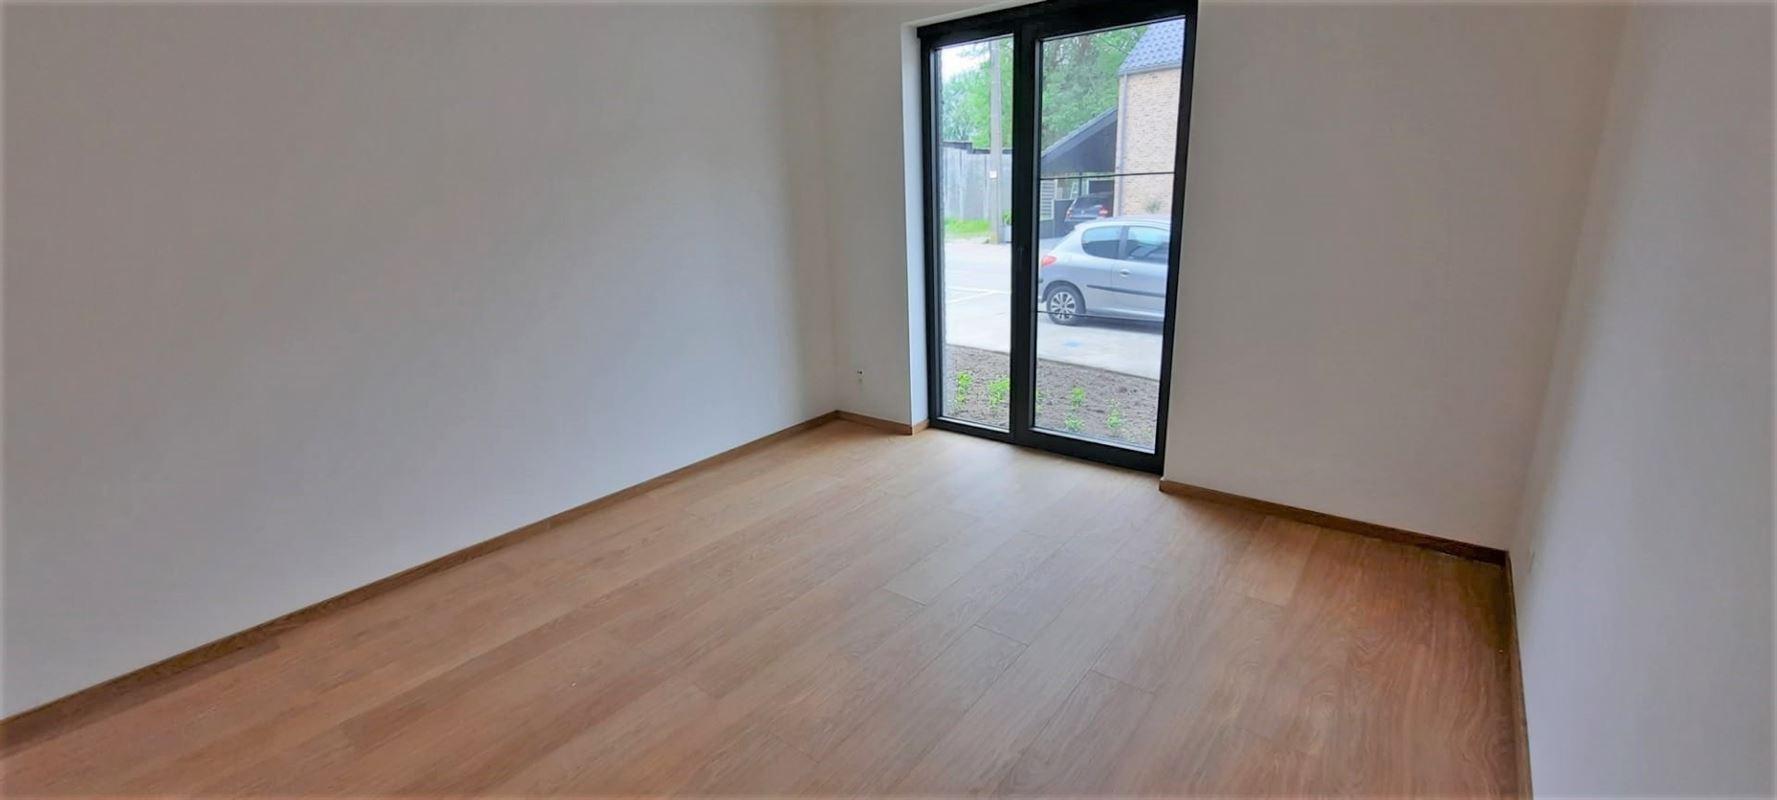 Foto 7 : Appartement te 2820 BONHEIDEN (België) - Prijs € 995